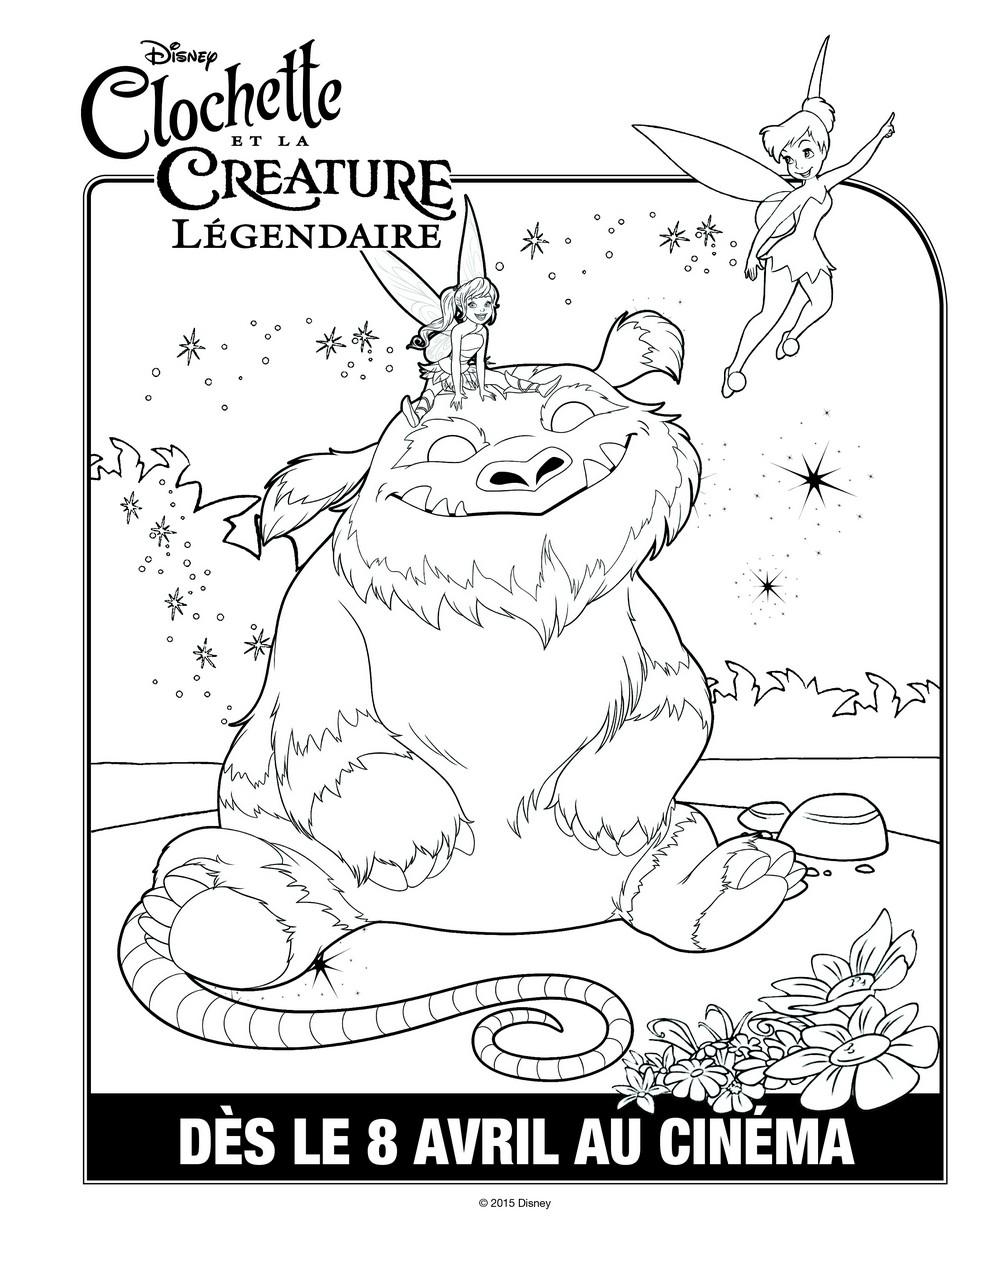 dessin à colorier fée clochette et la créature légendaire